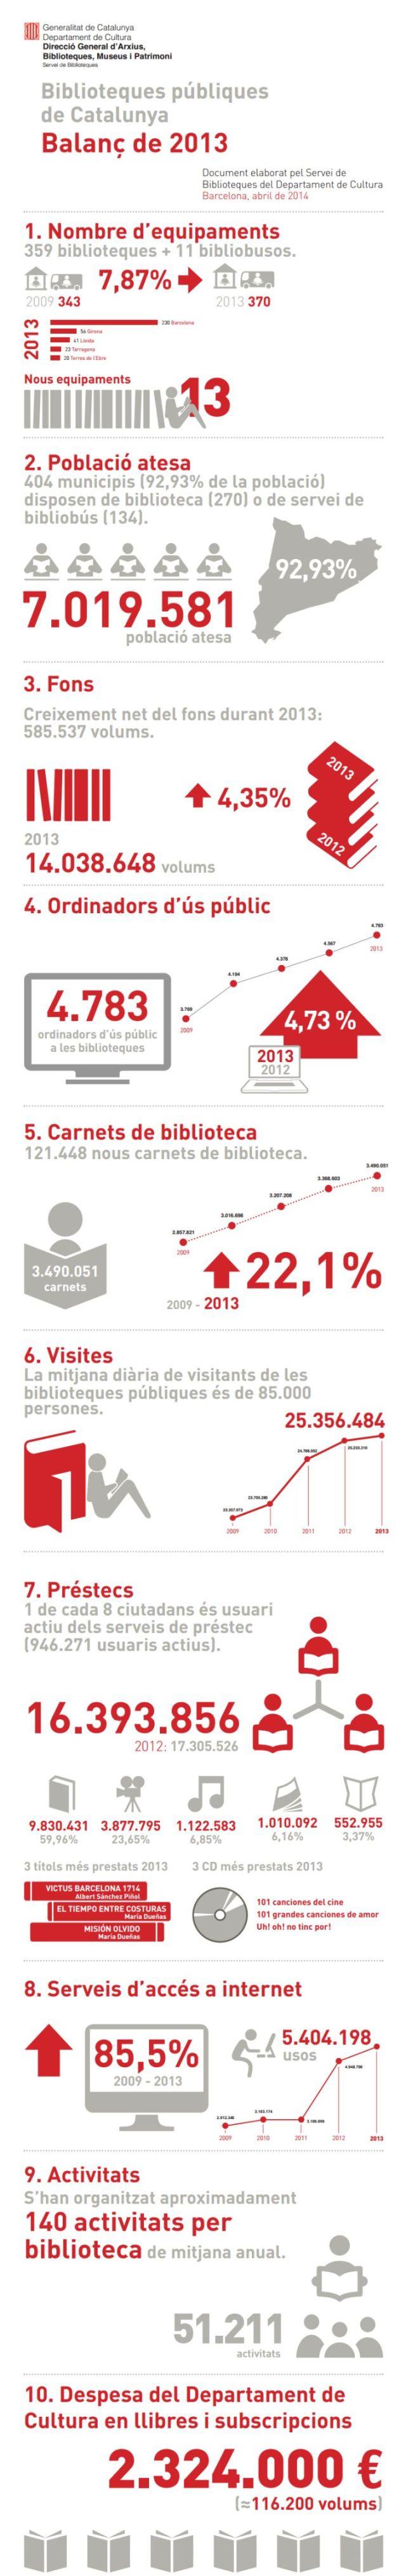 Balance 2013 de las Bibliotecas Públicas de Cataluña